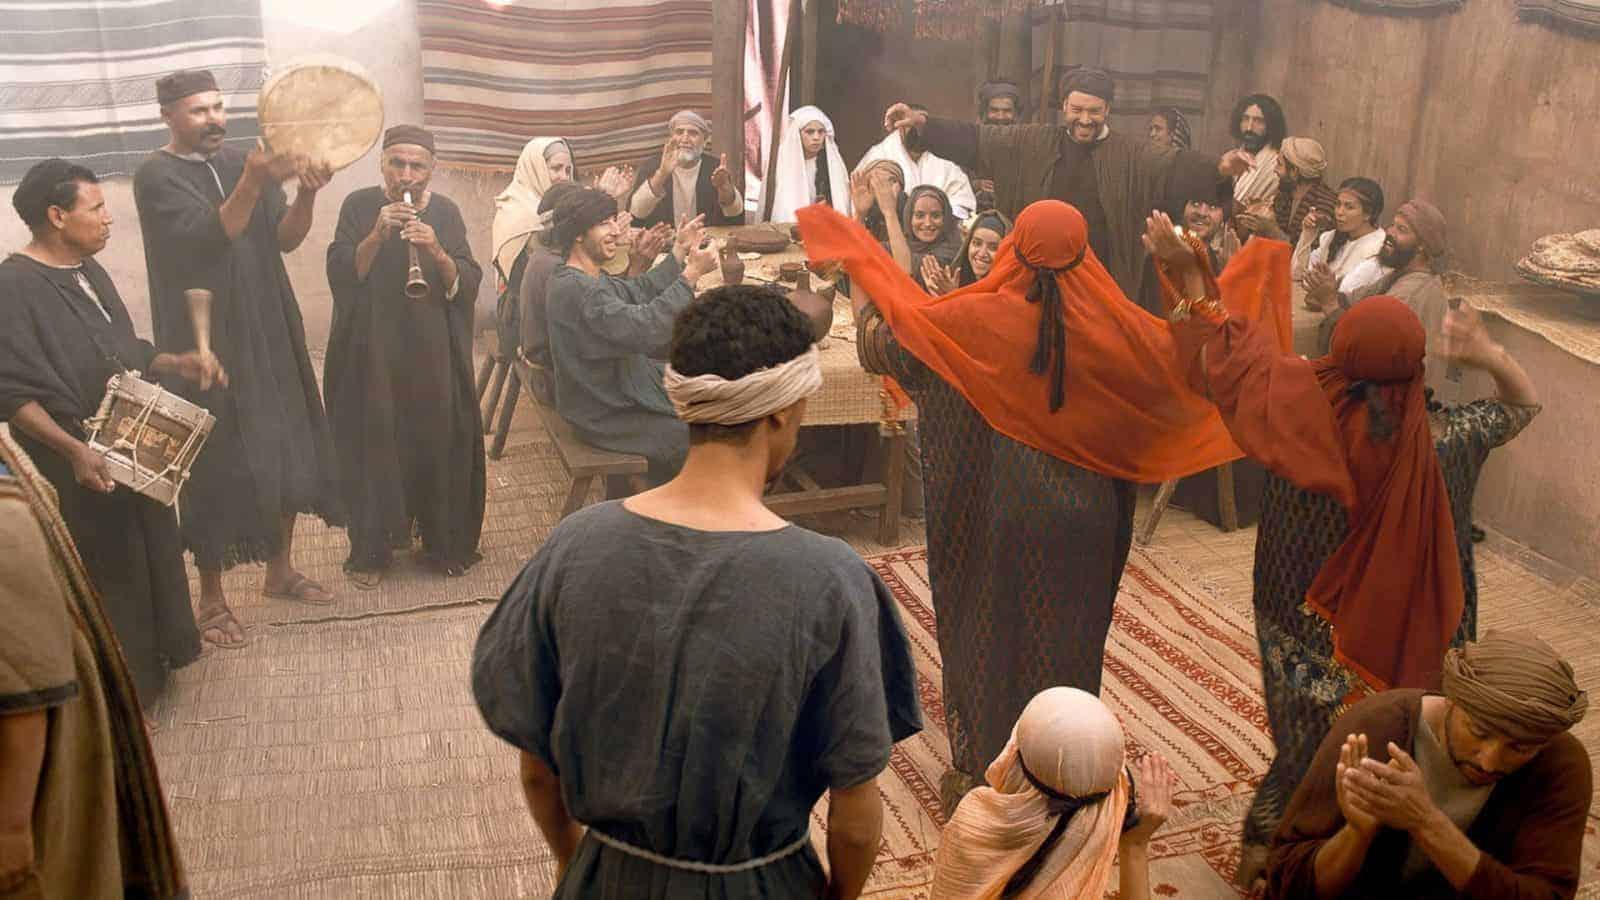 De bruiloft te Kana